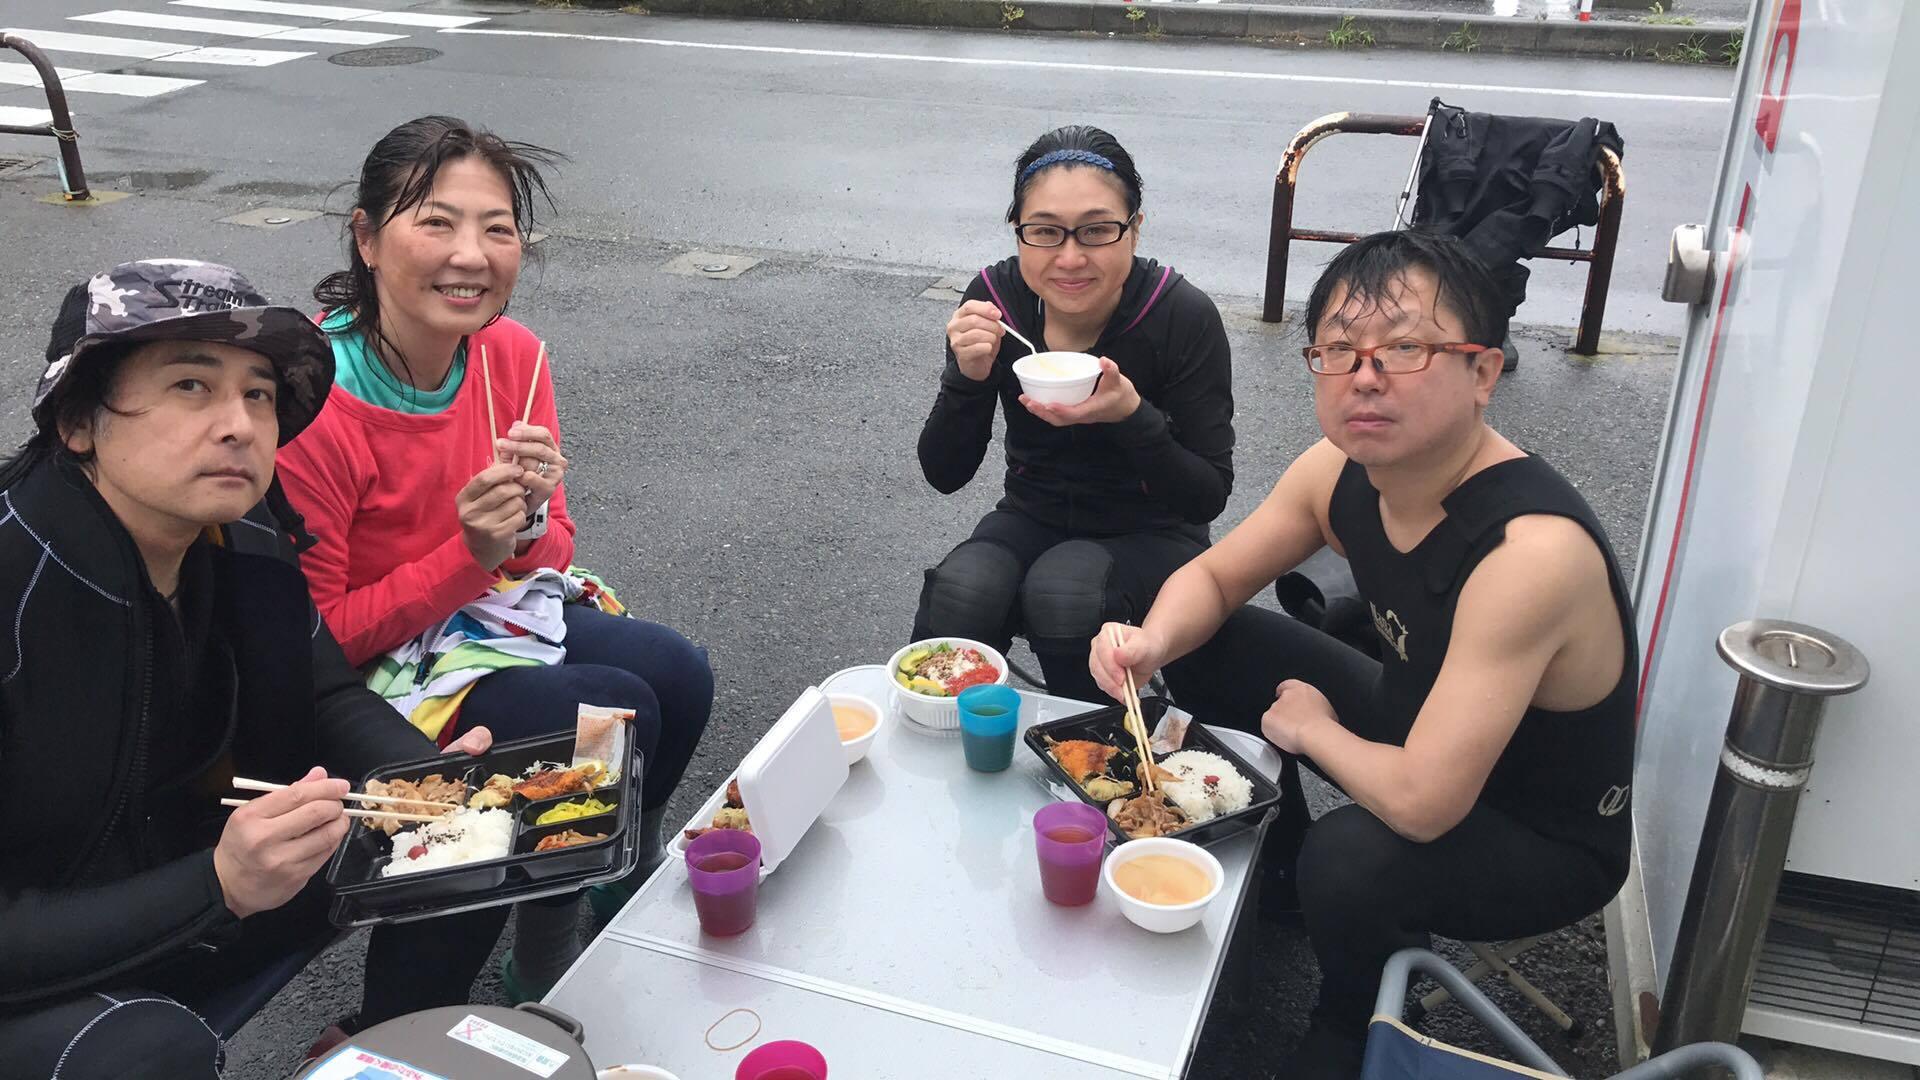 6月29日 葉山で大賑わい!_f0151886_15363346.jpg